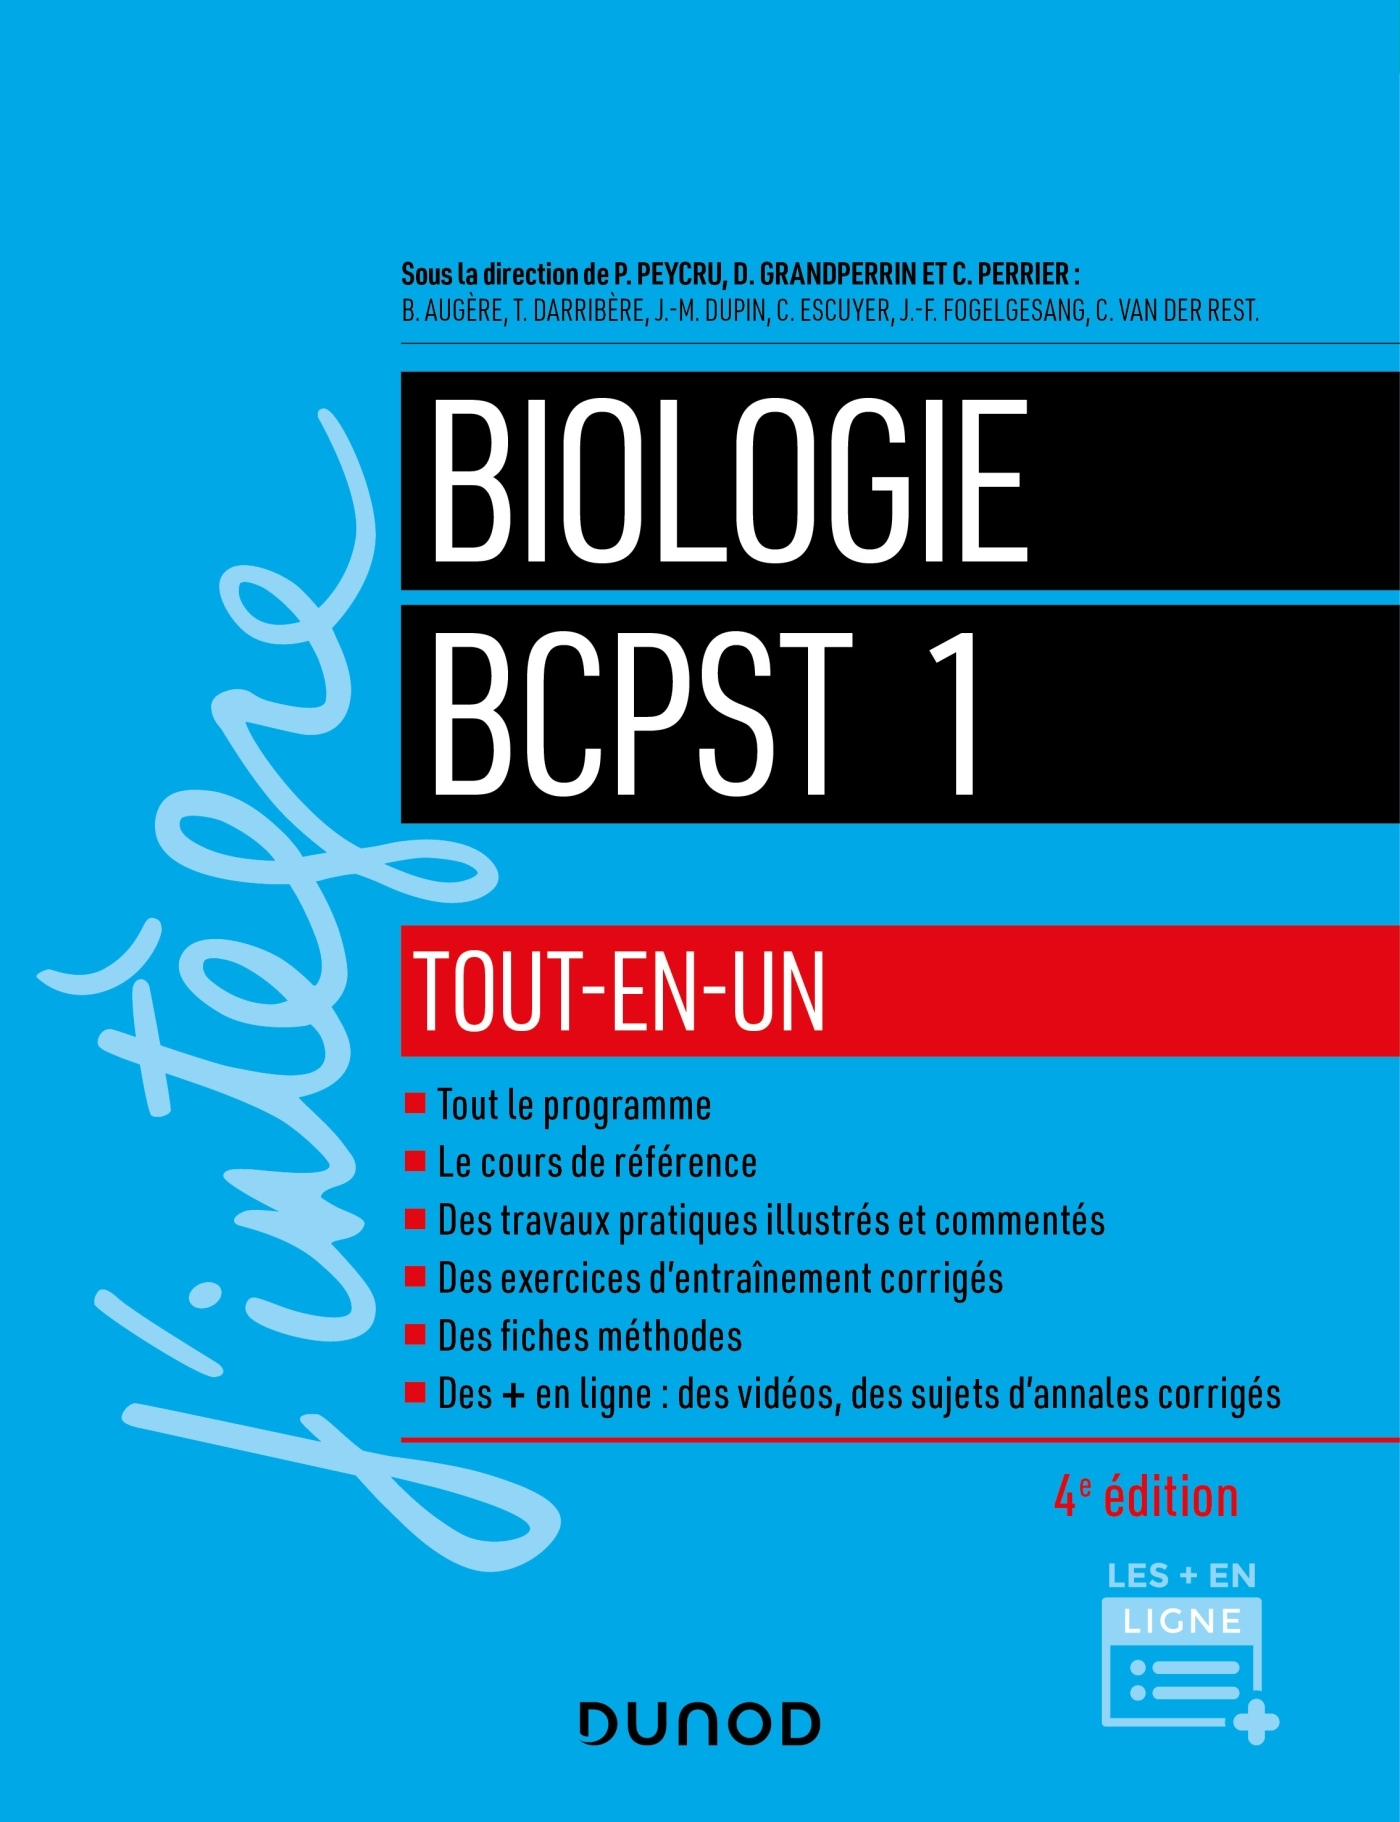 4 - COURS TOUT-EN-UN - BIOLOGIE TOUT-EN-UN BCPST 1RE ANNEE - 4E ED.